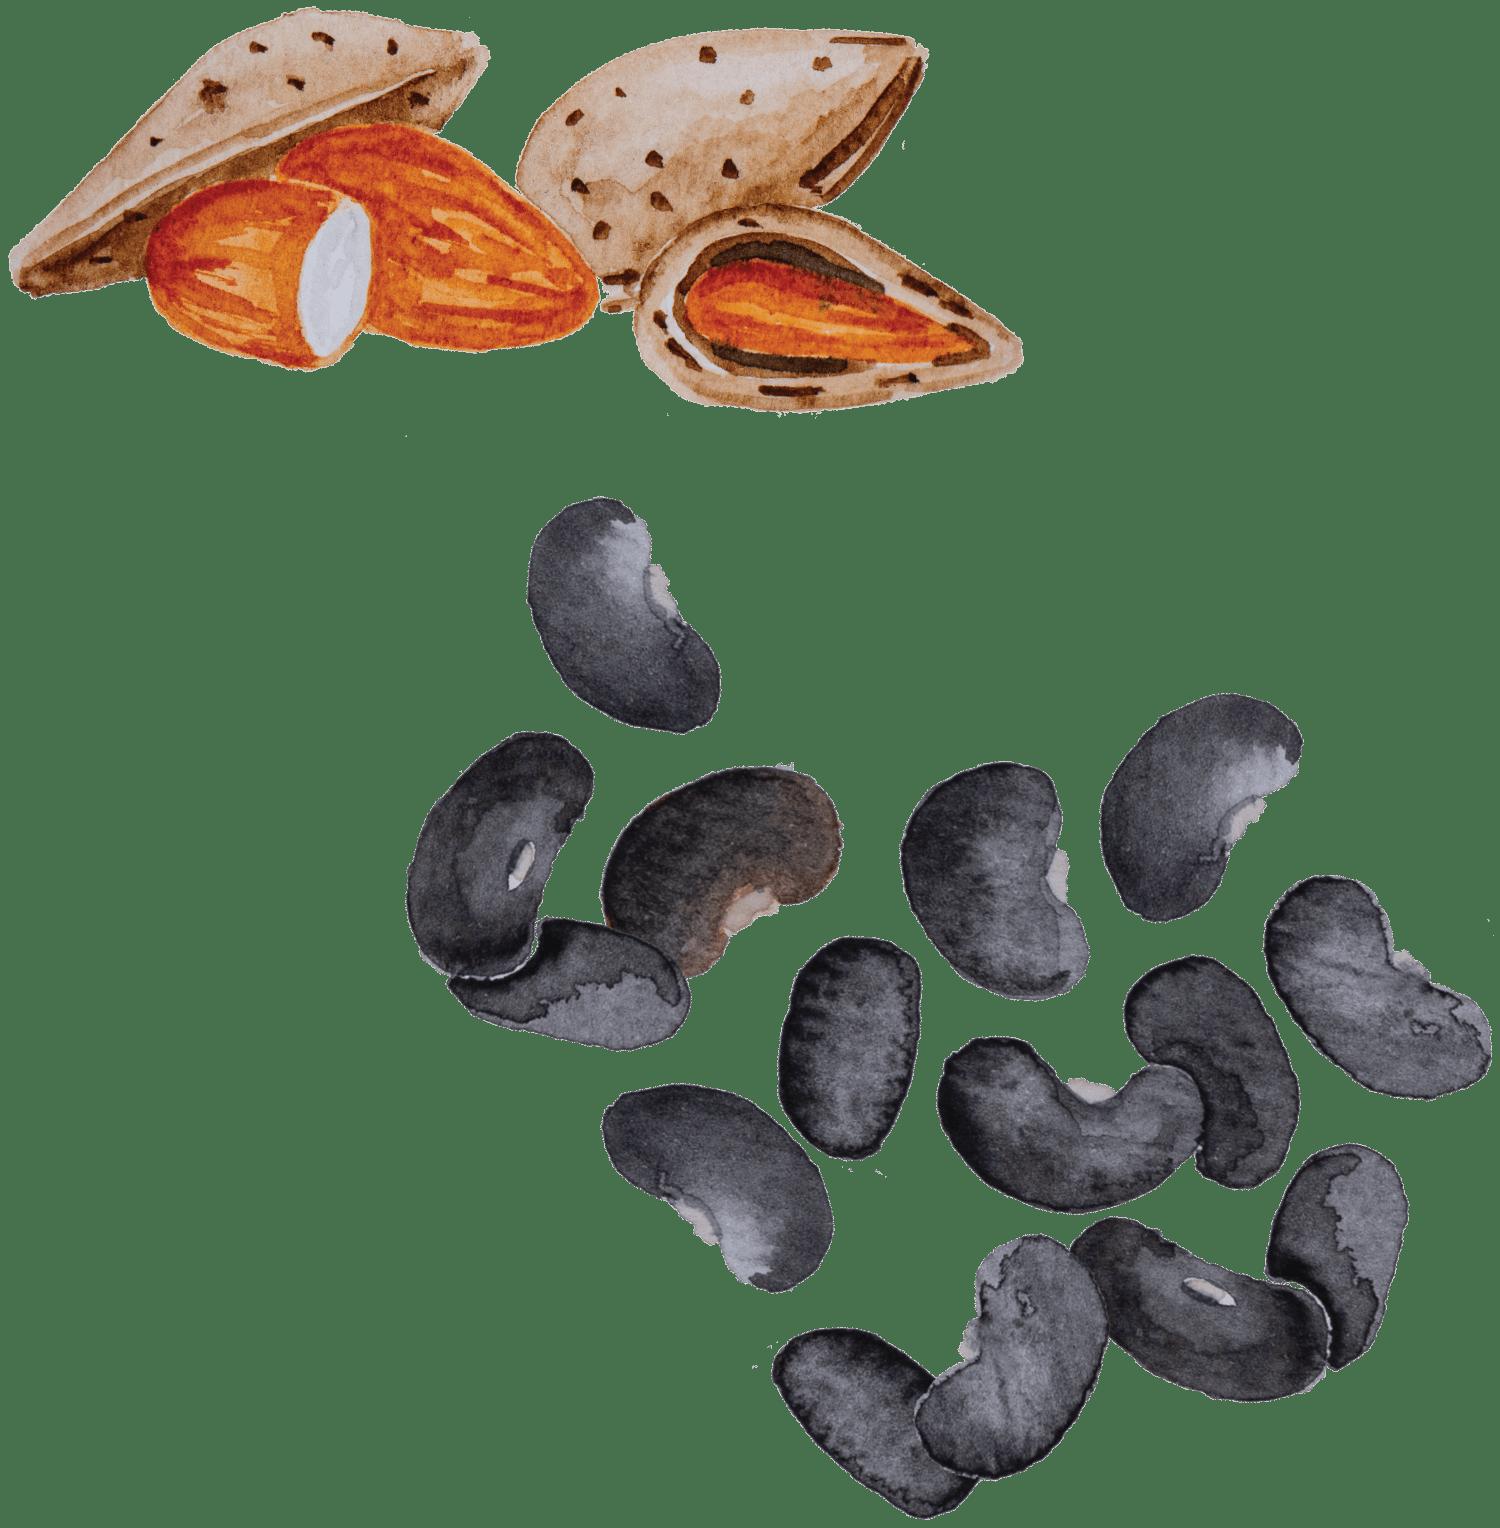 Amêndoas e Feijão-preto